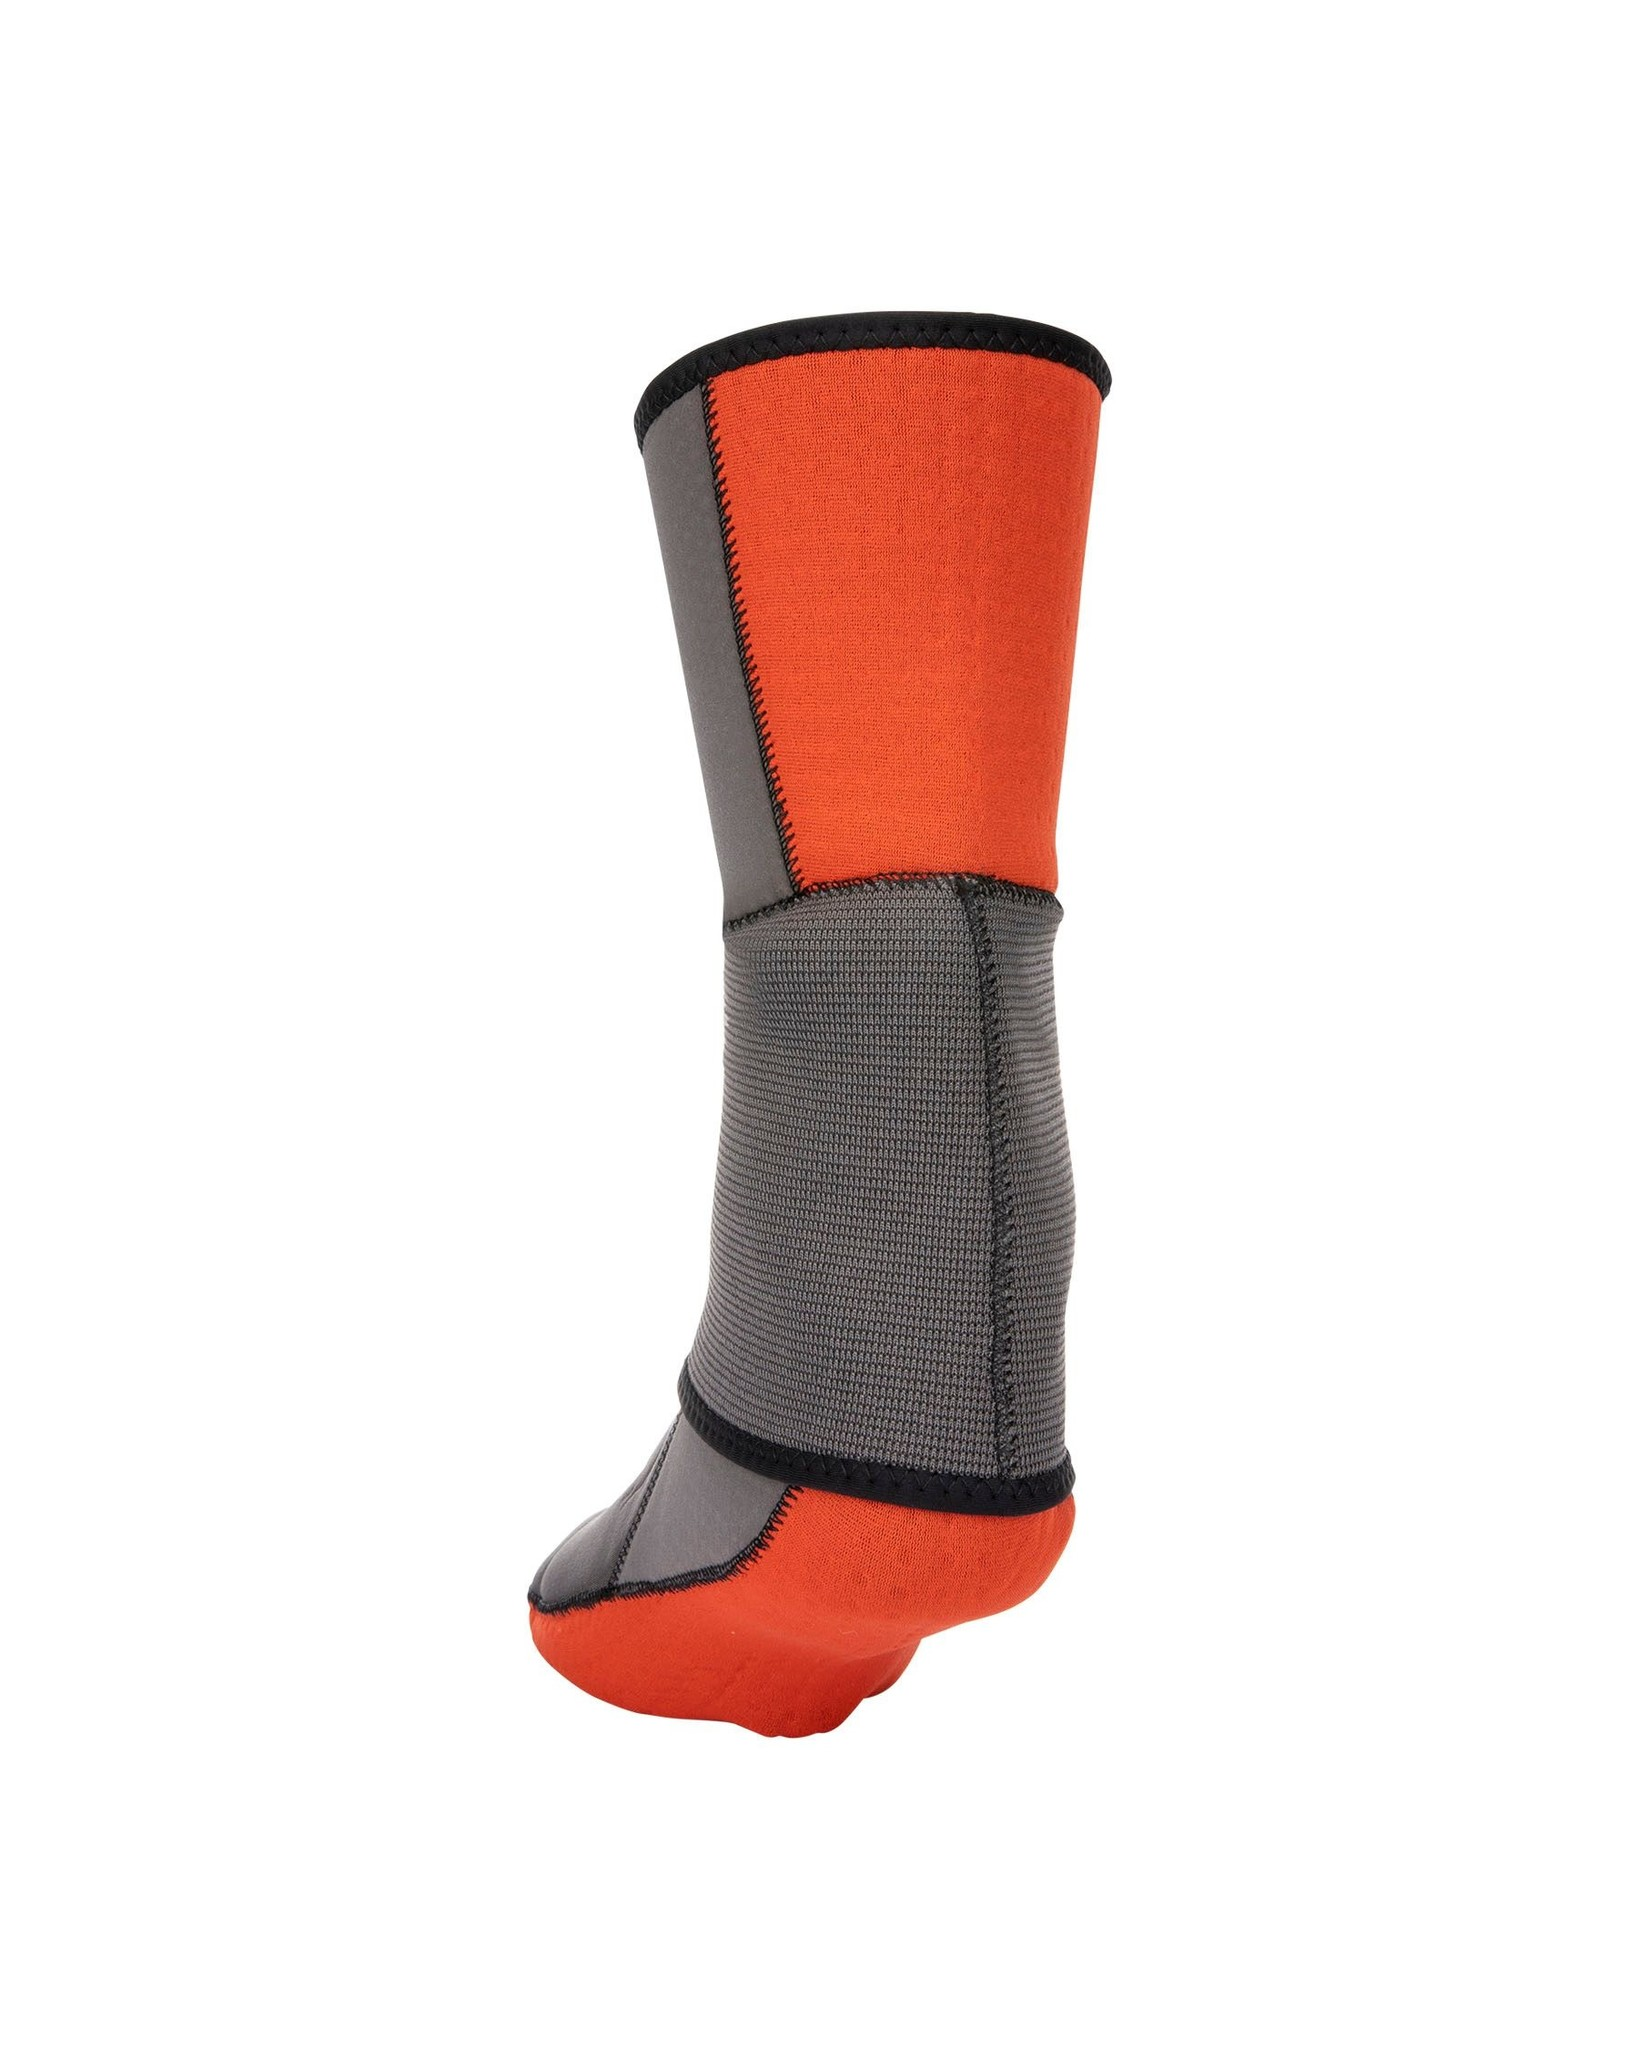 SIMMS Men's Flyweight Neoprene Wet Wading Sock